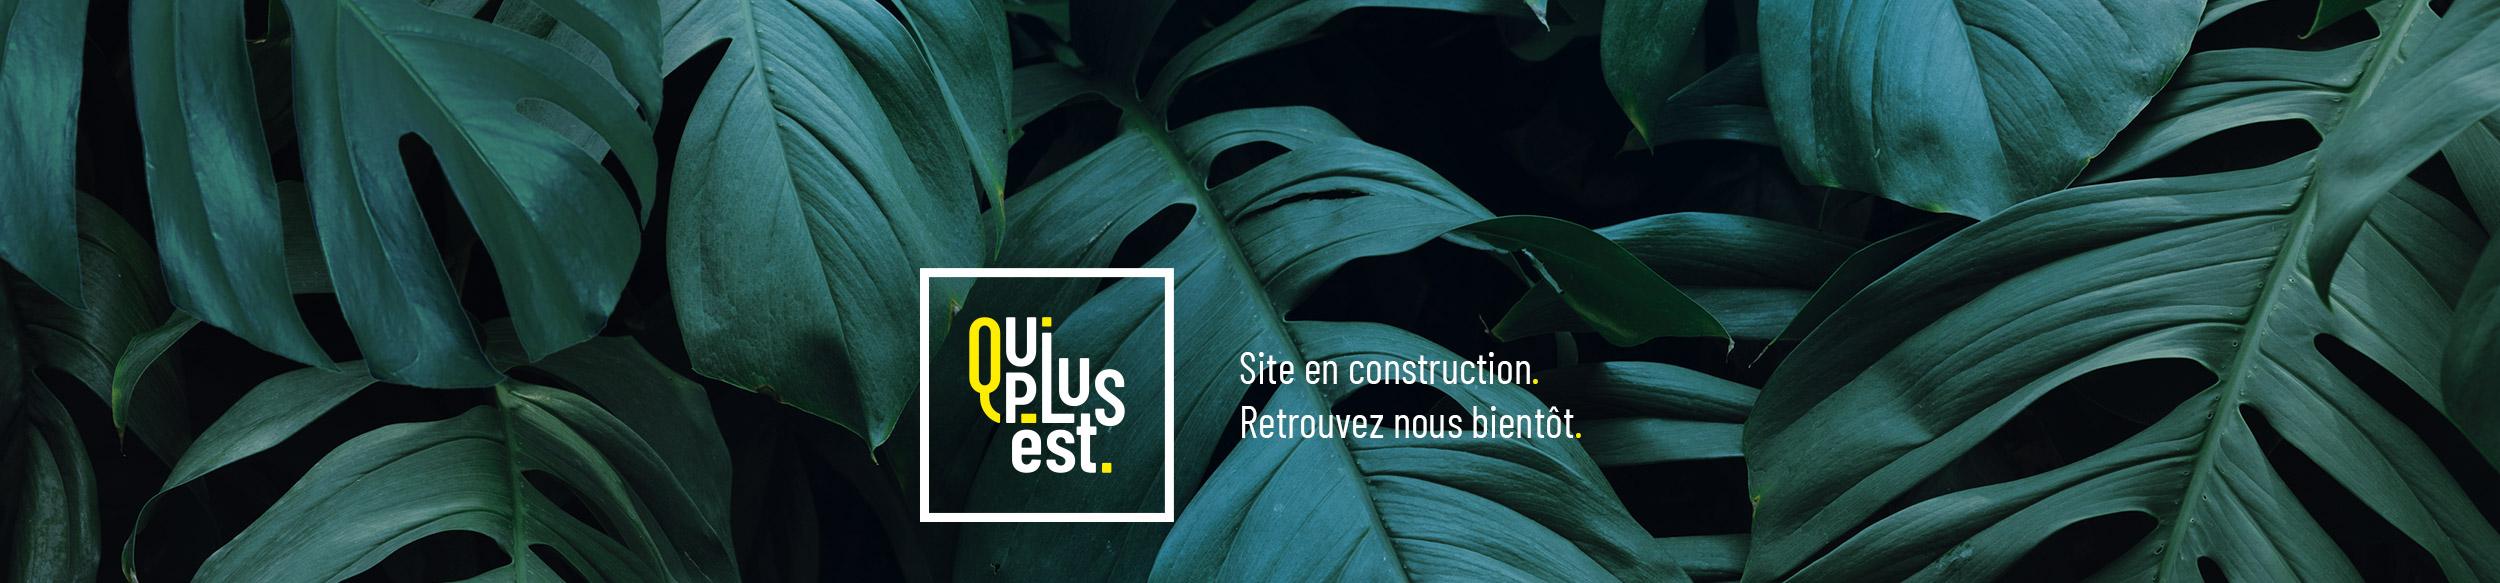 Nouveau site web 2020